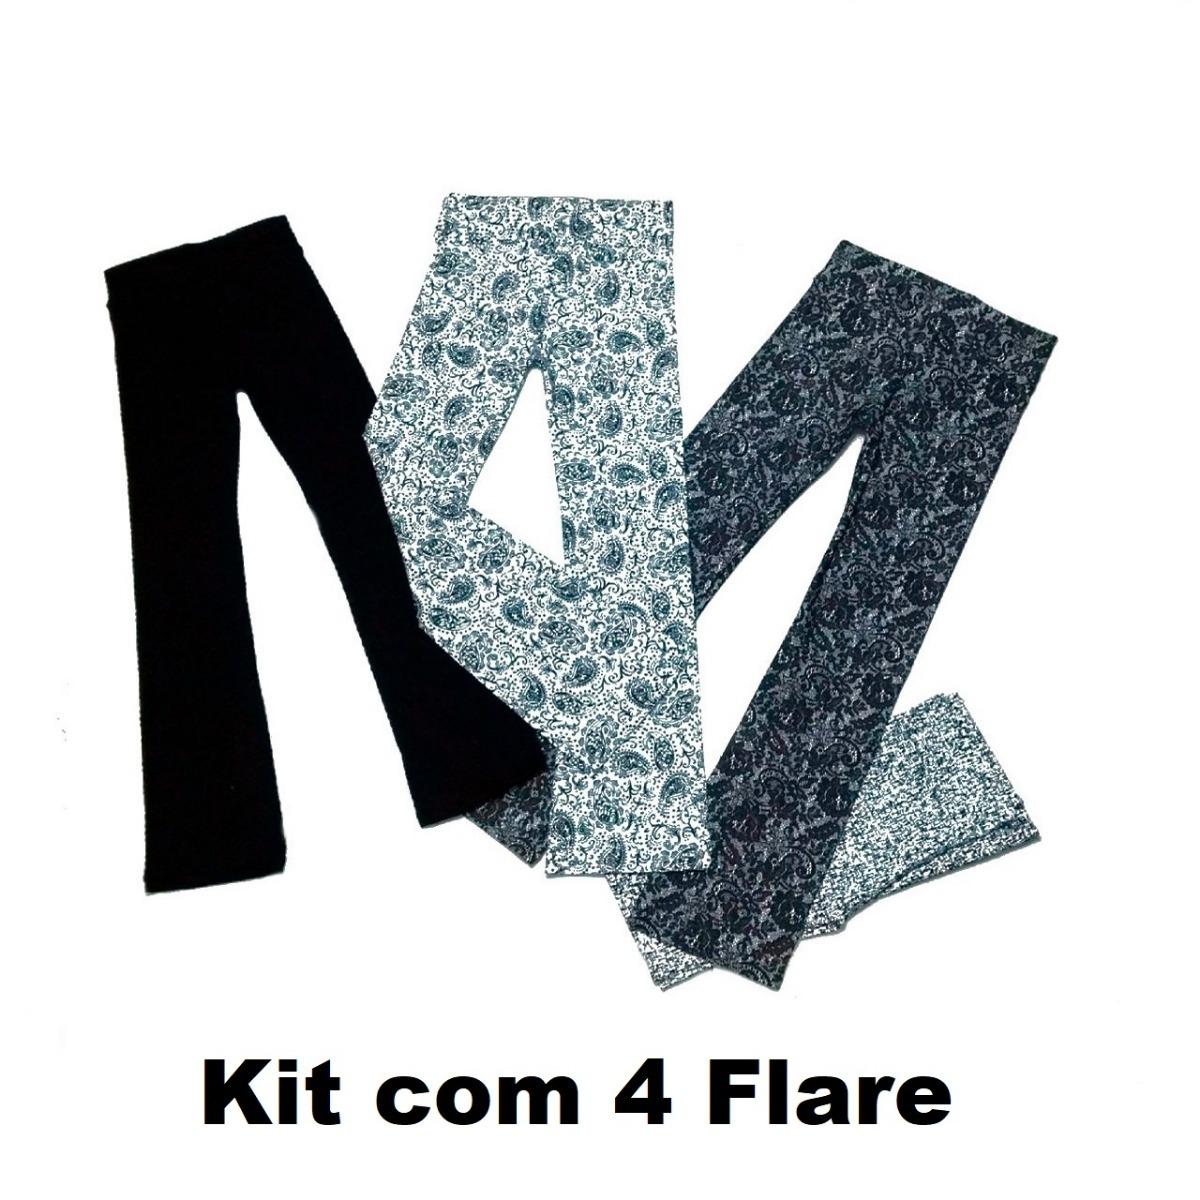 3f0dc7669 Kit 4 Calças Flare Social Roupa Feminina Promoção - R  84